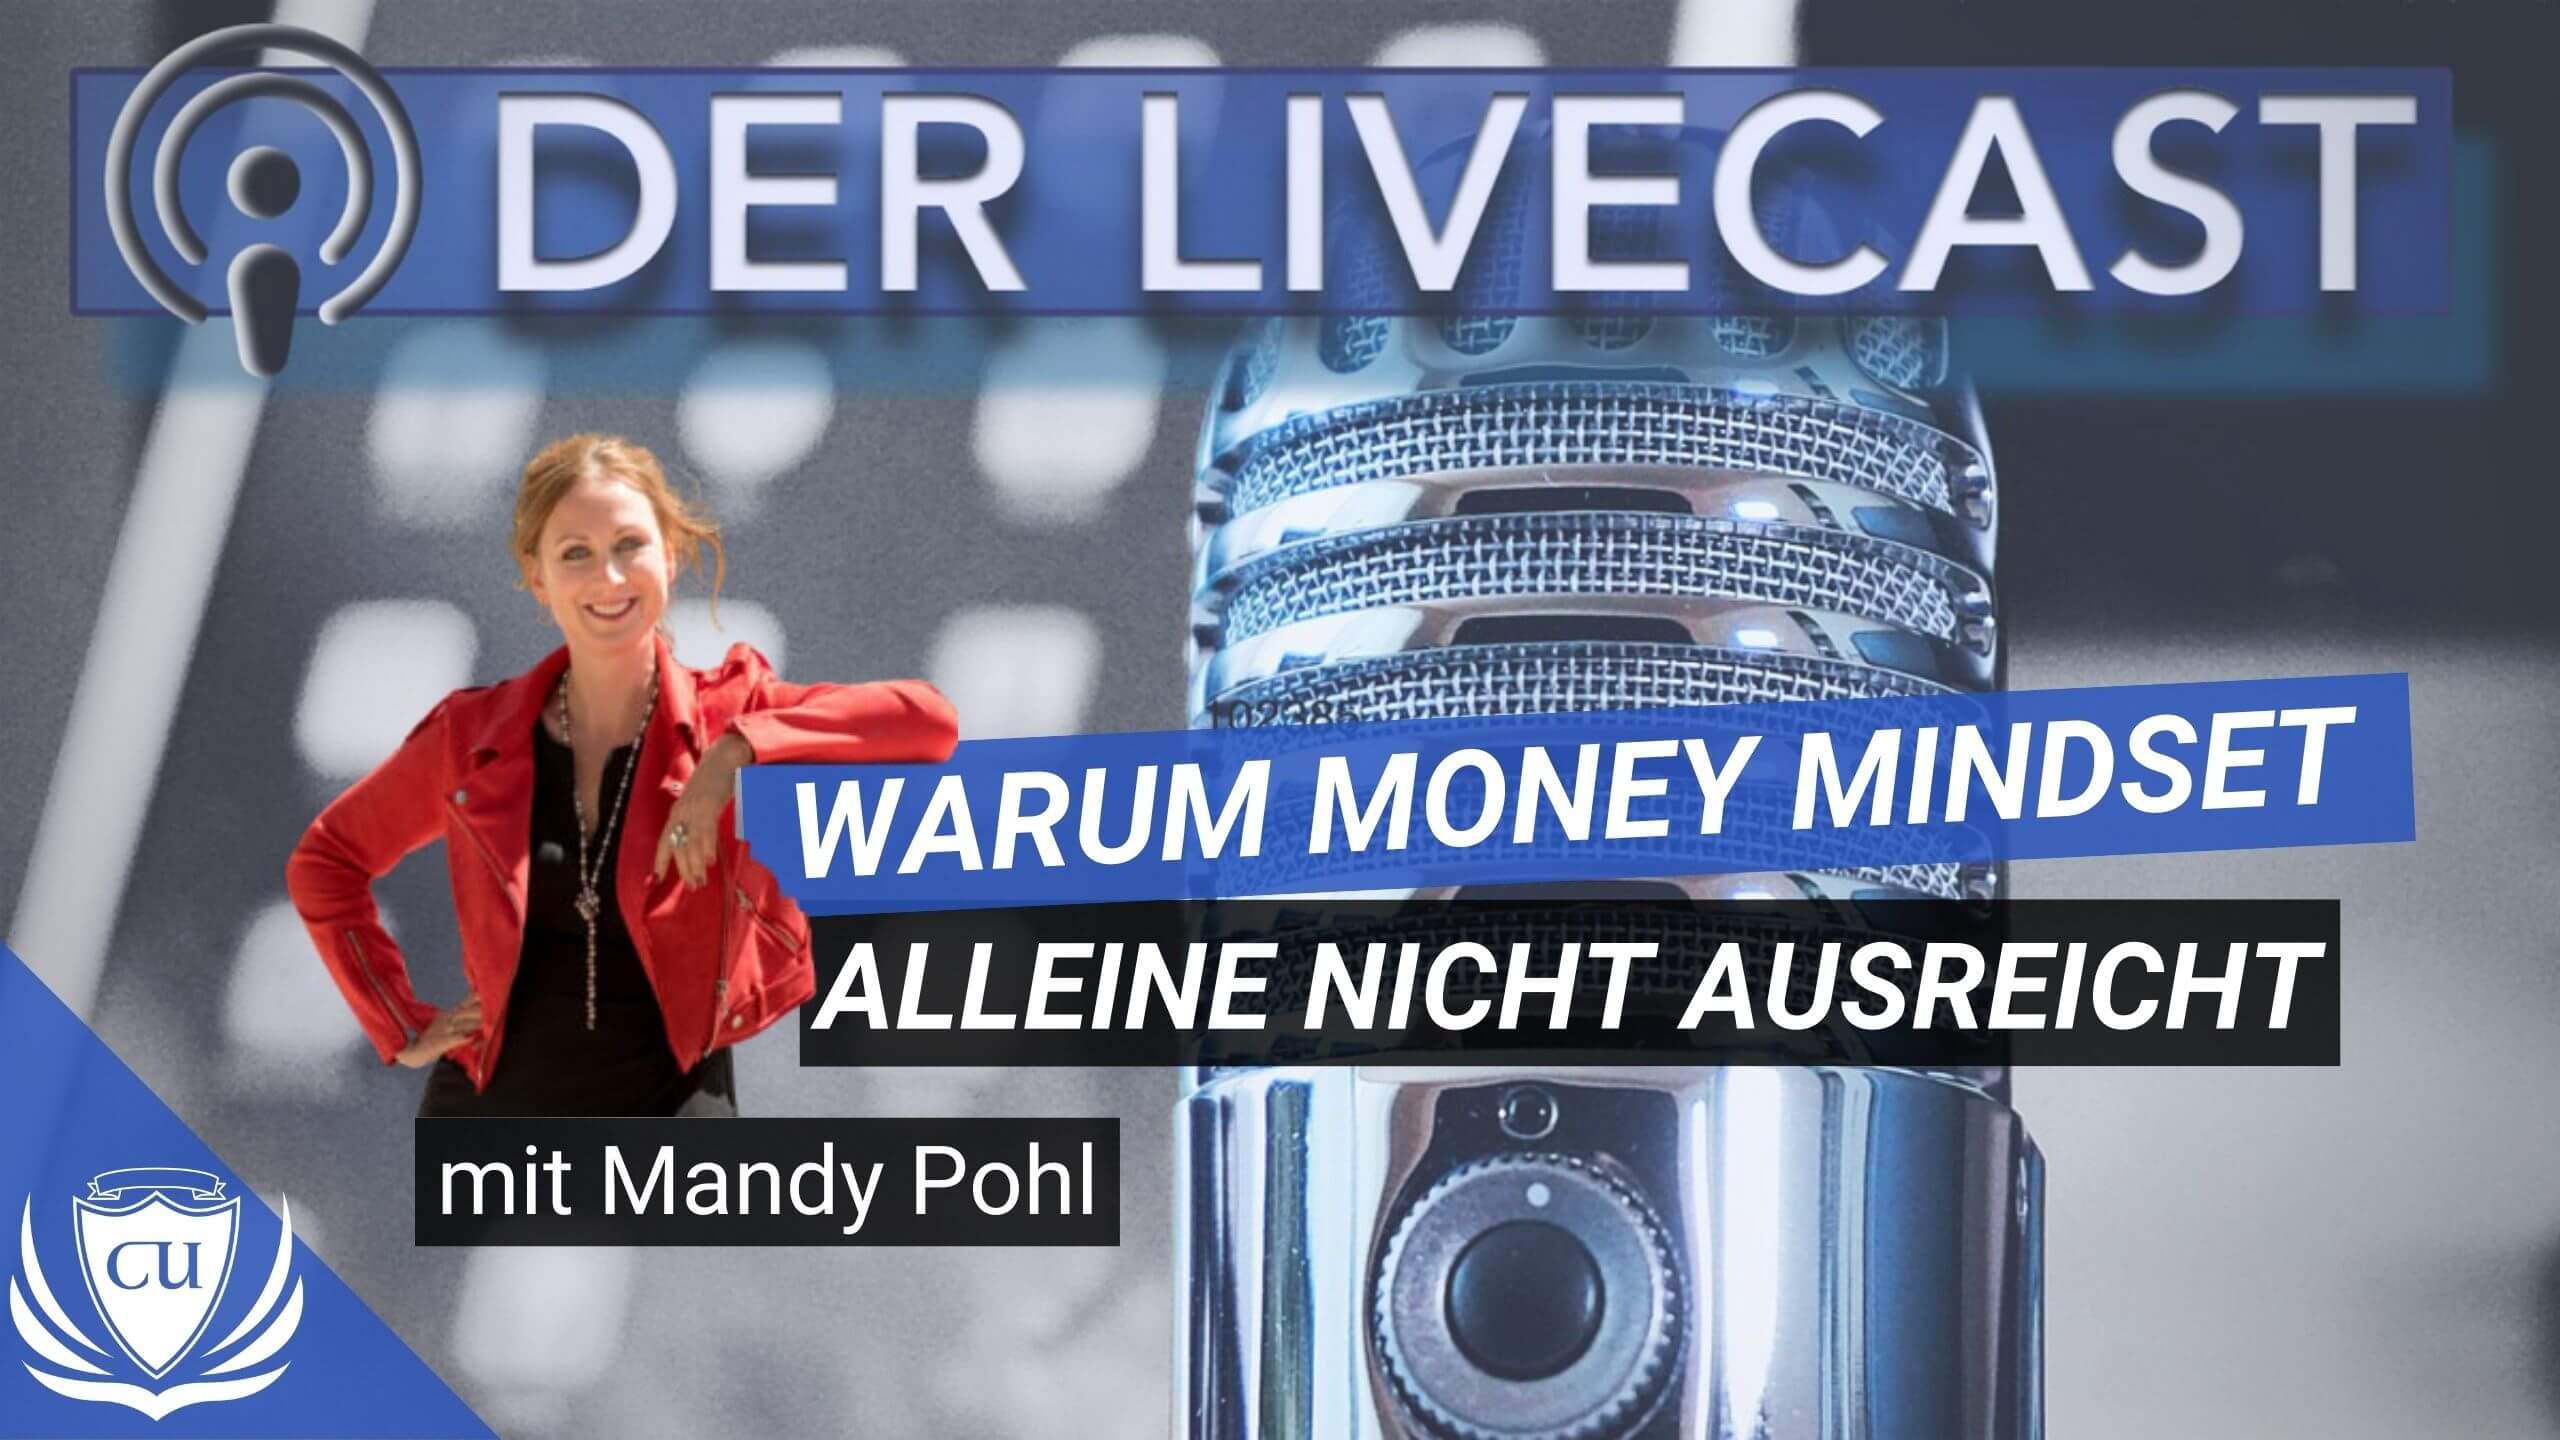 Geldprobleme spirituell lösen - Warum Money Mindset allein nicht ausreicht & wie du spirituell zum Millionär wirst mit Mandy Pohl von Magic Money Mind